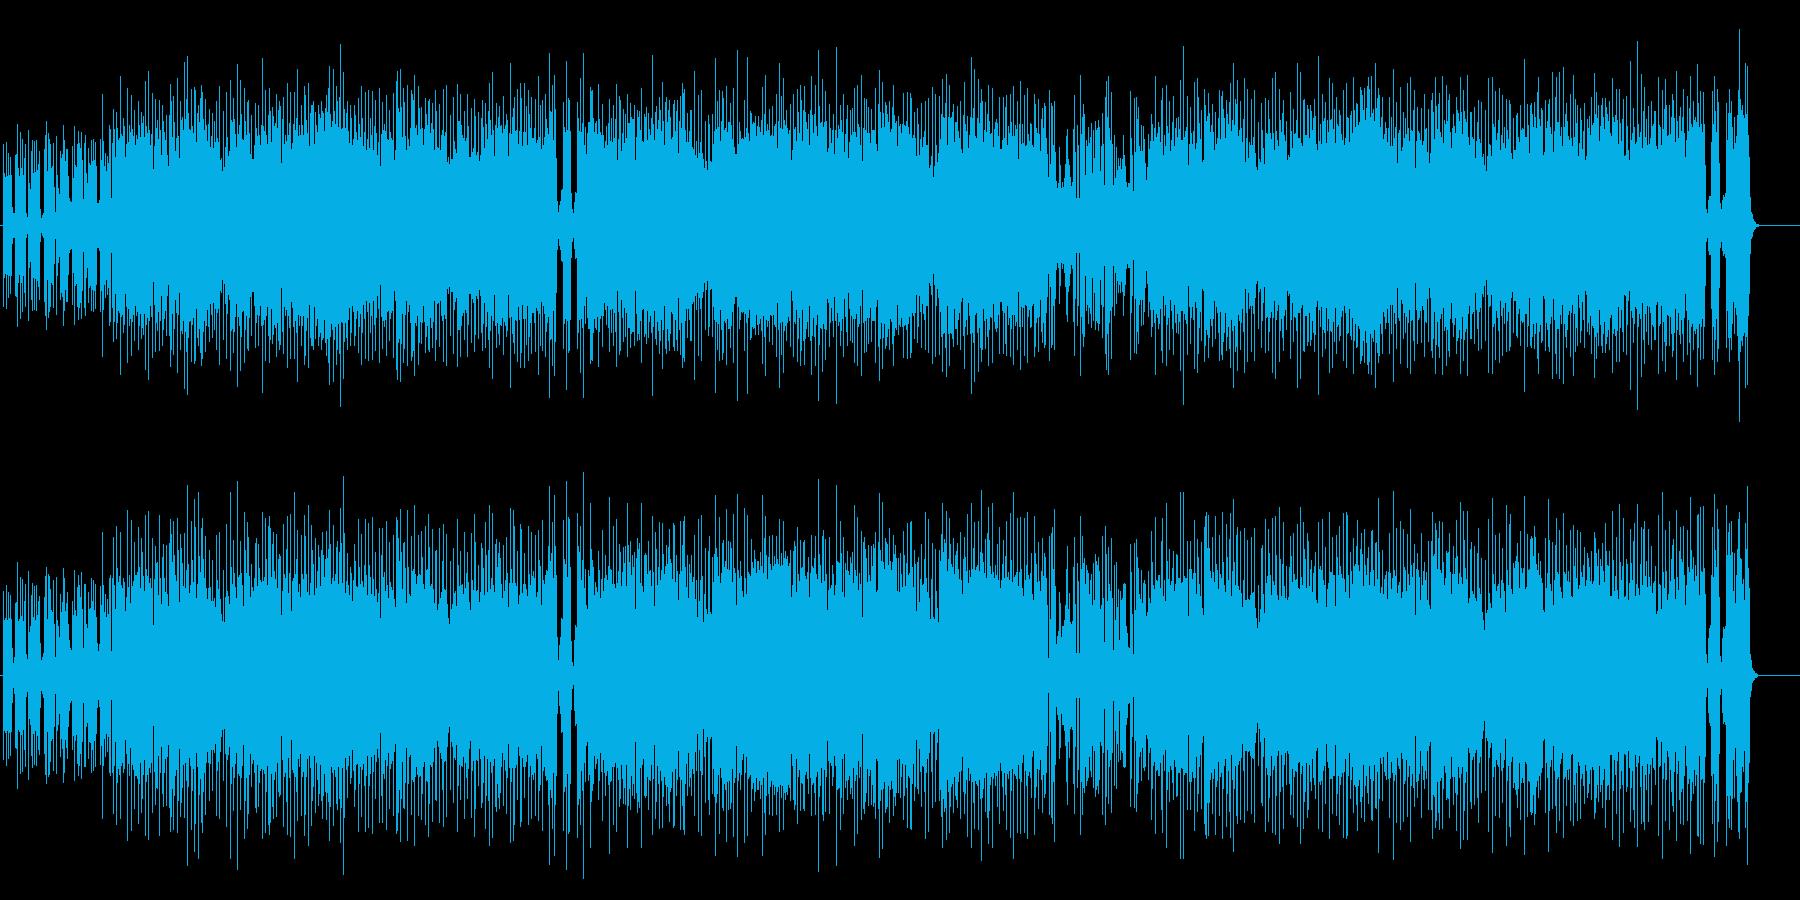 爽やかに弾むスマートなポップフュージョンの再生済みの波形